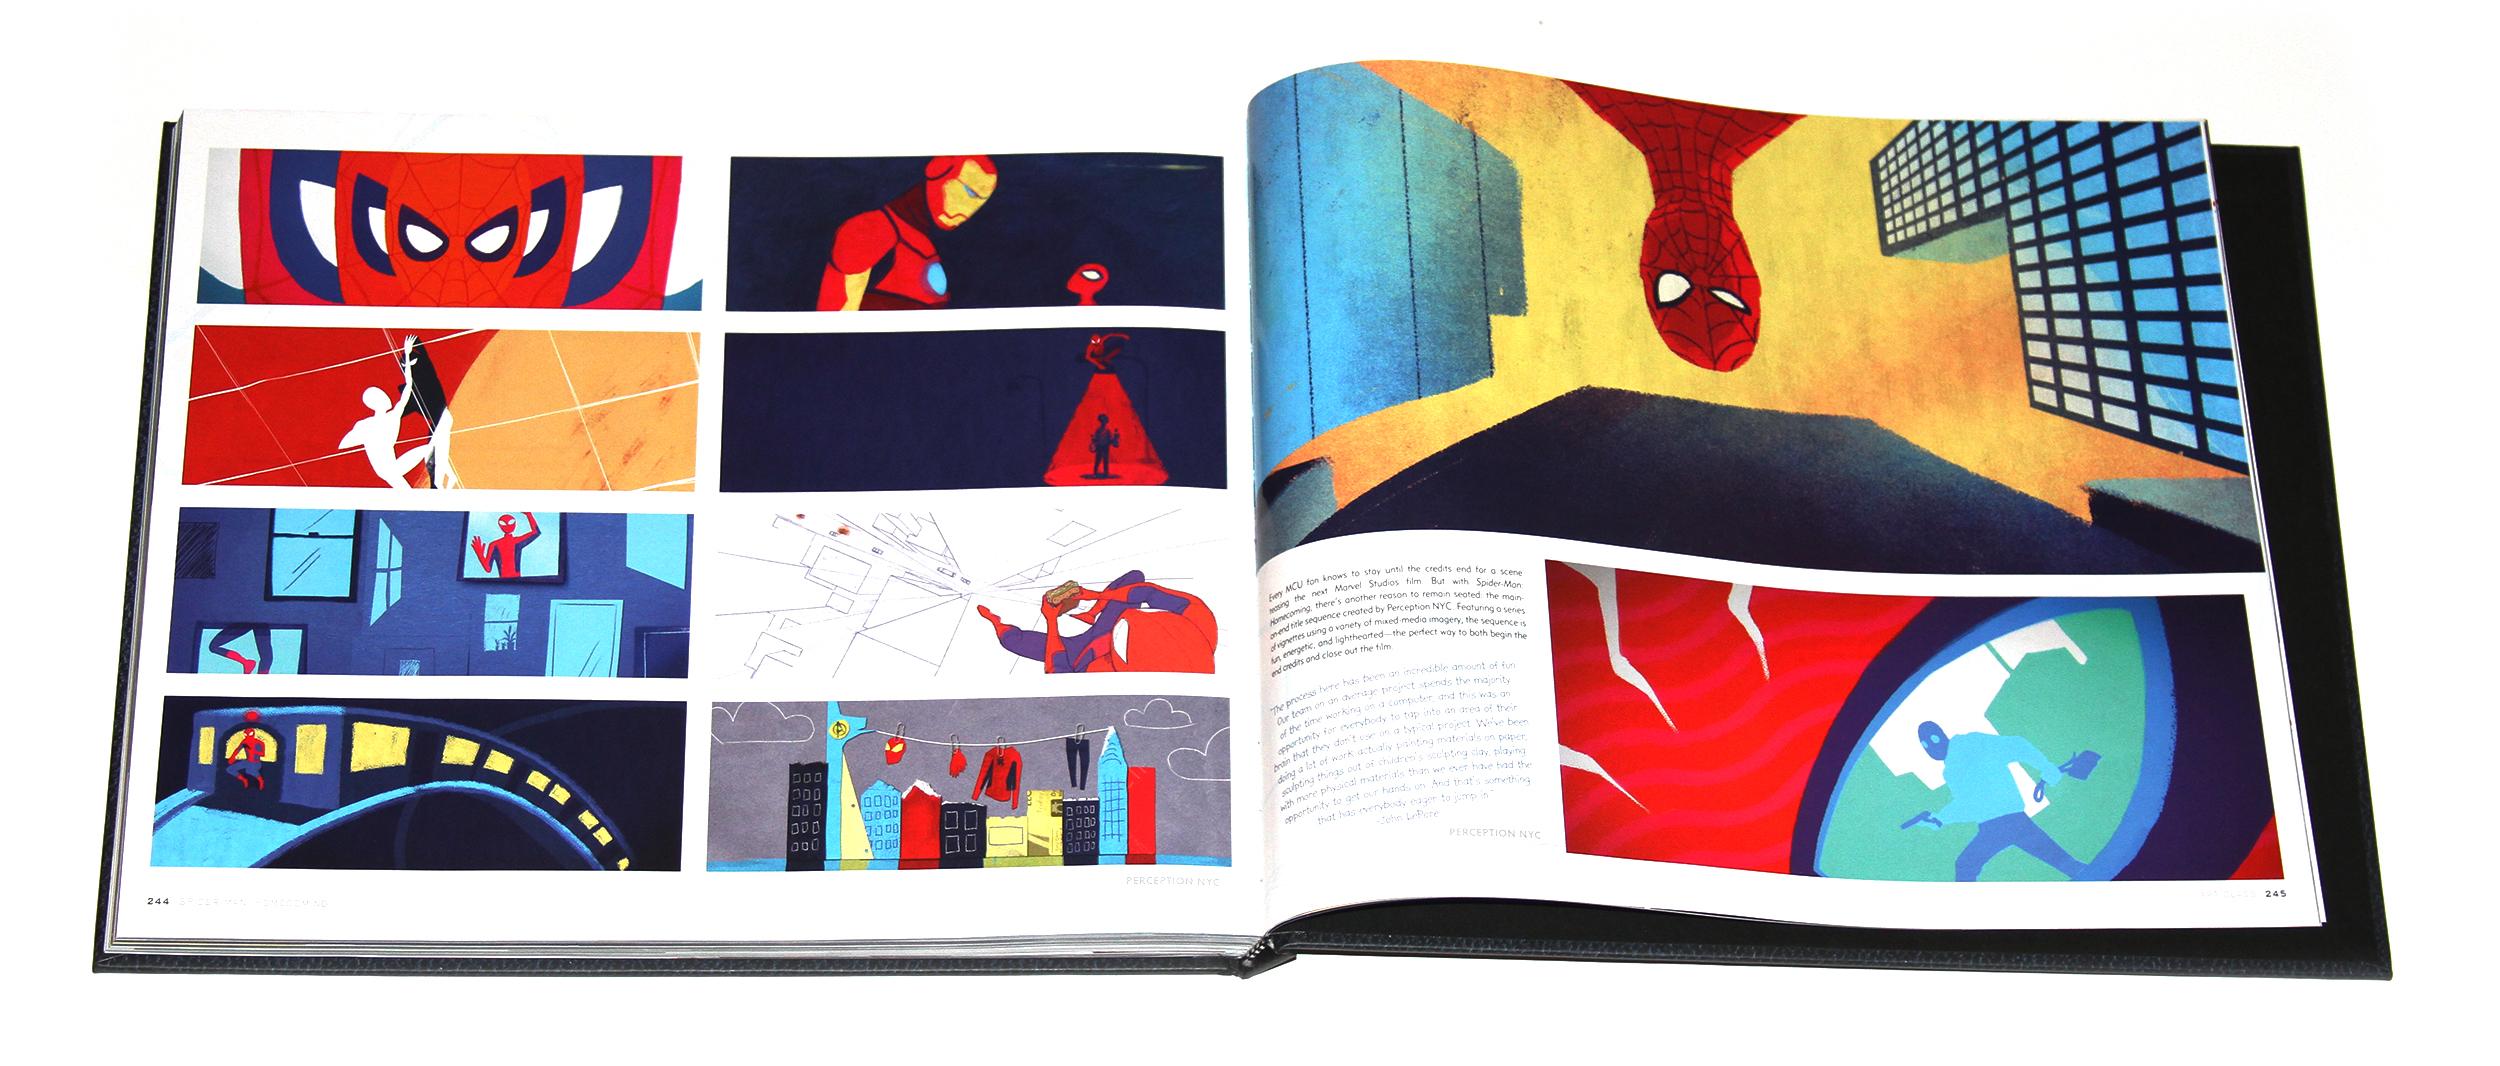 Spidey_Book_02.jpg